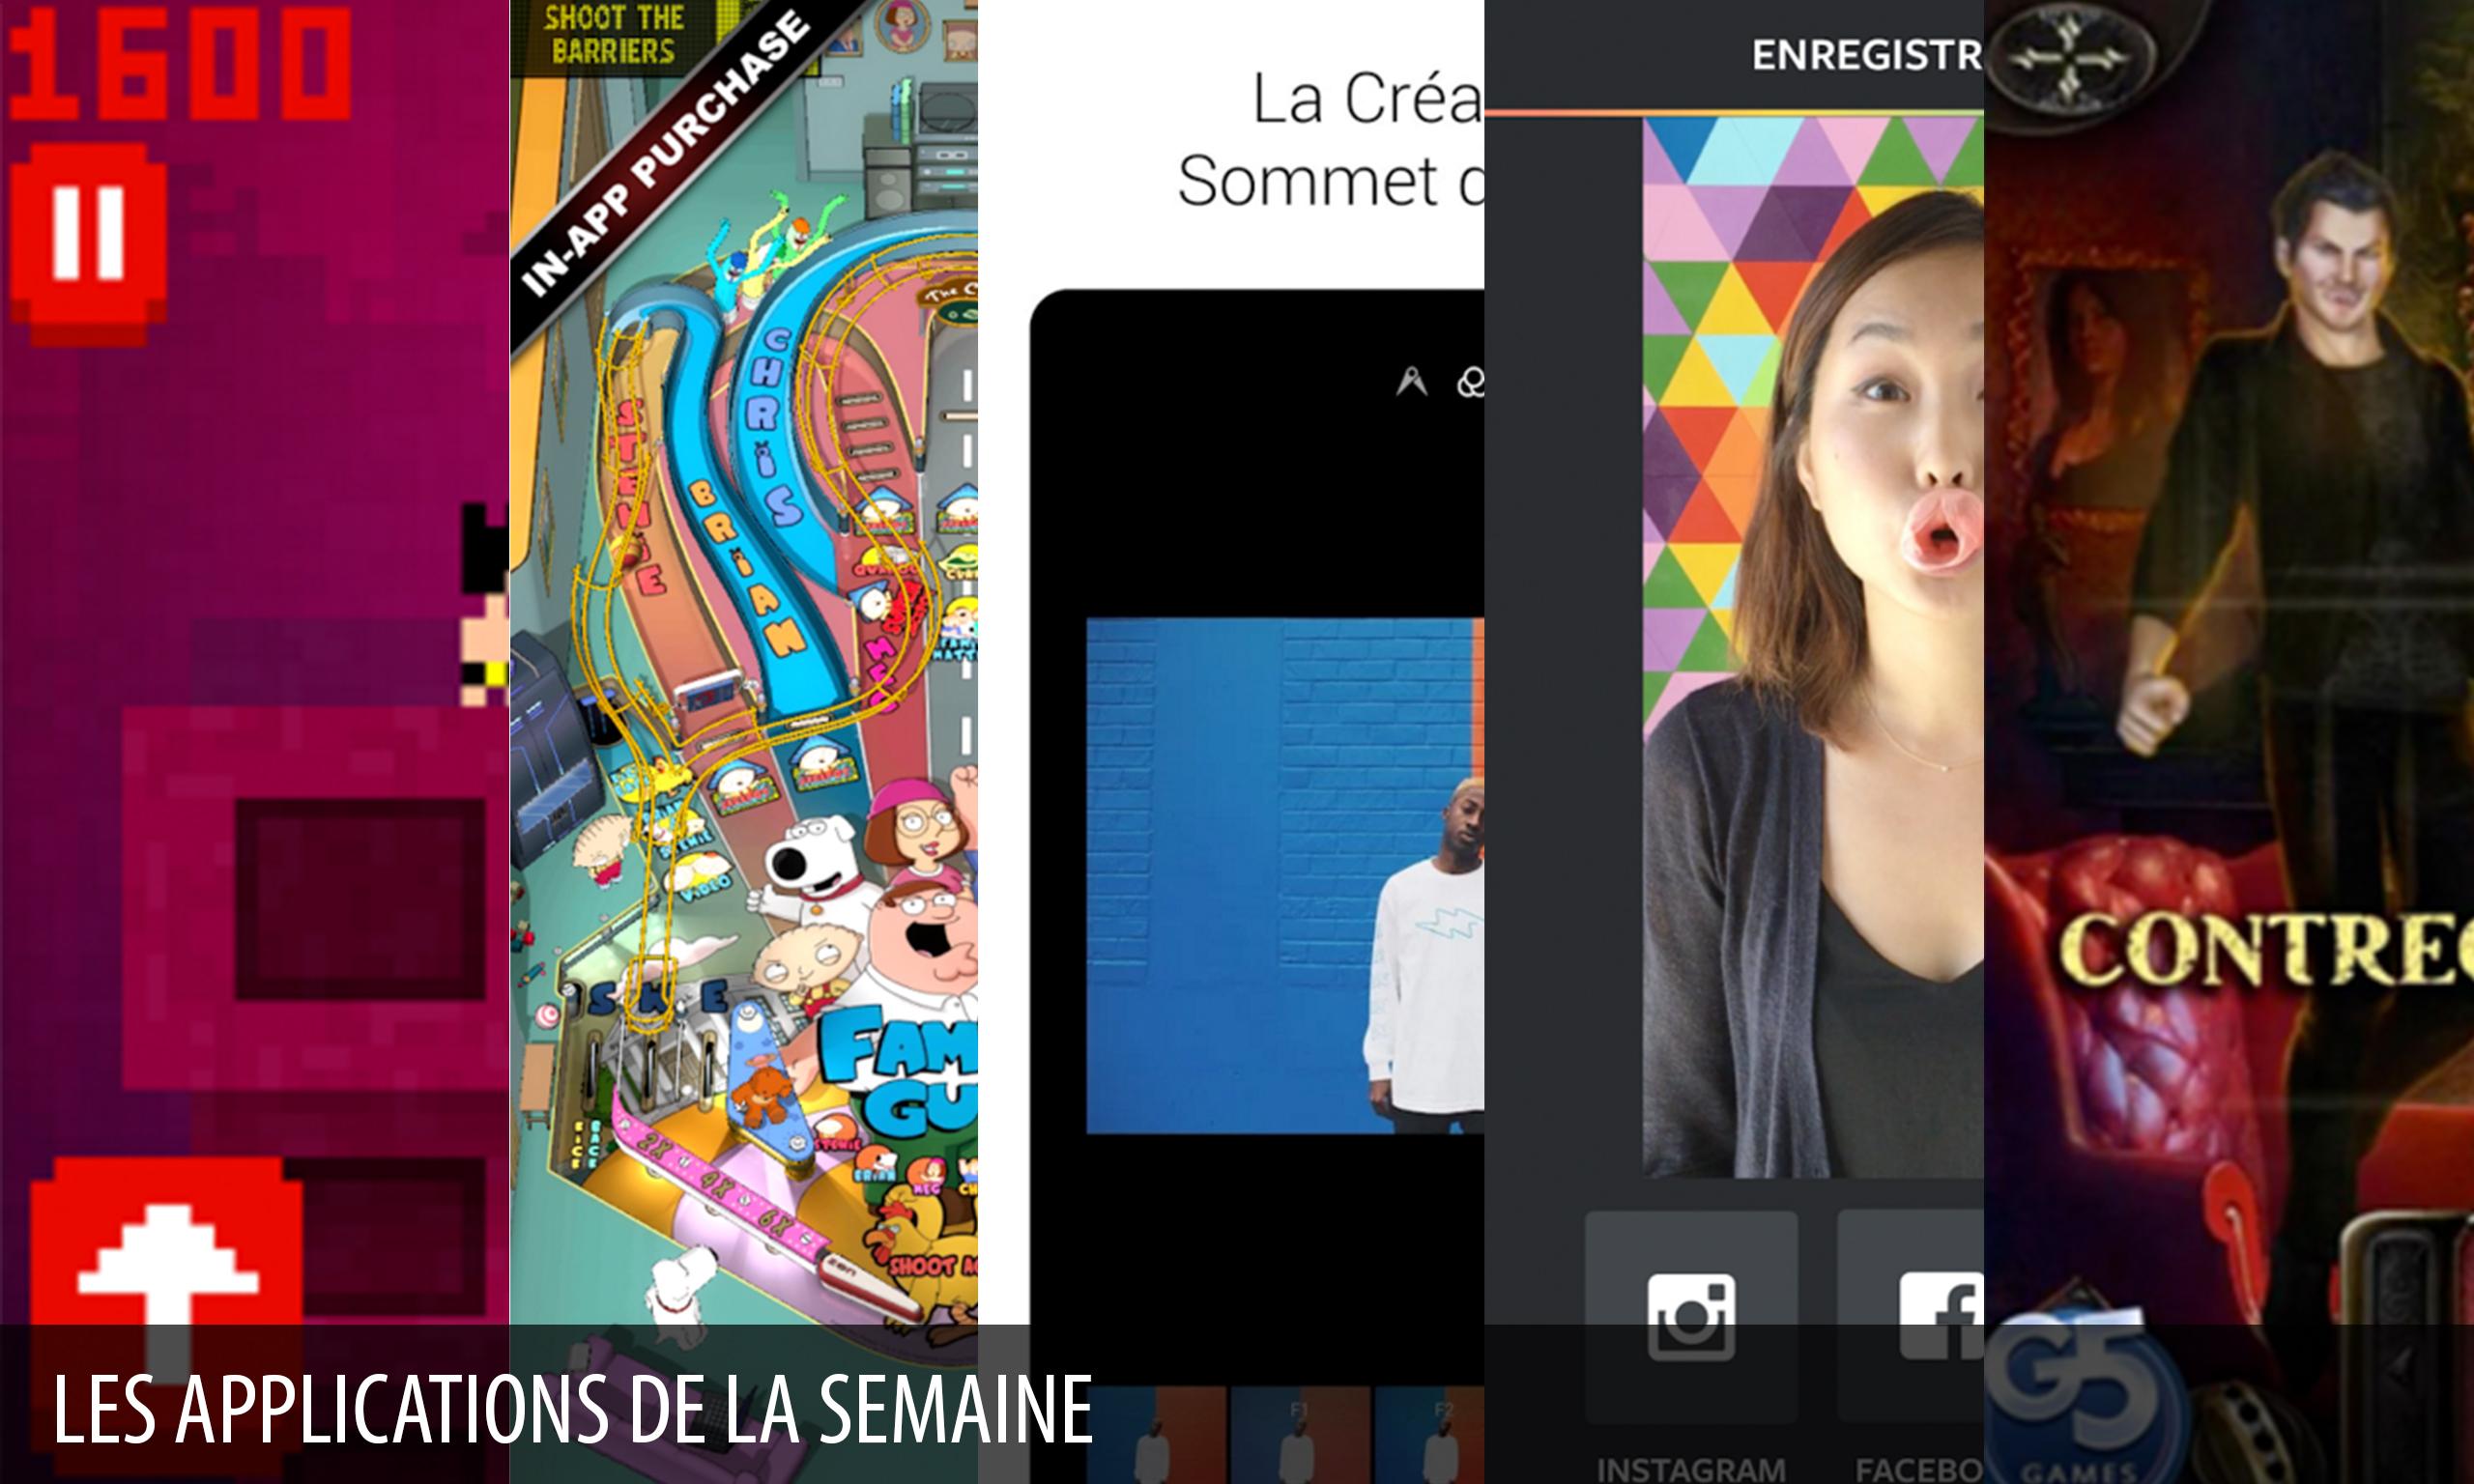 Les apps de la semaine : MiniPix, Boomerang d'Instagram, EyeEm…